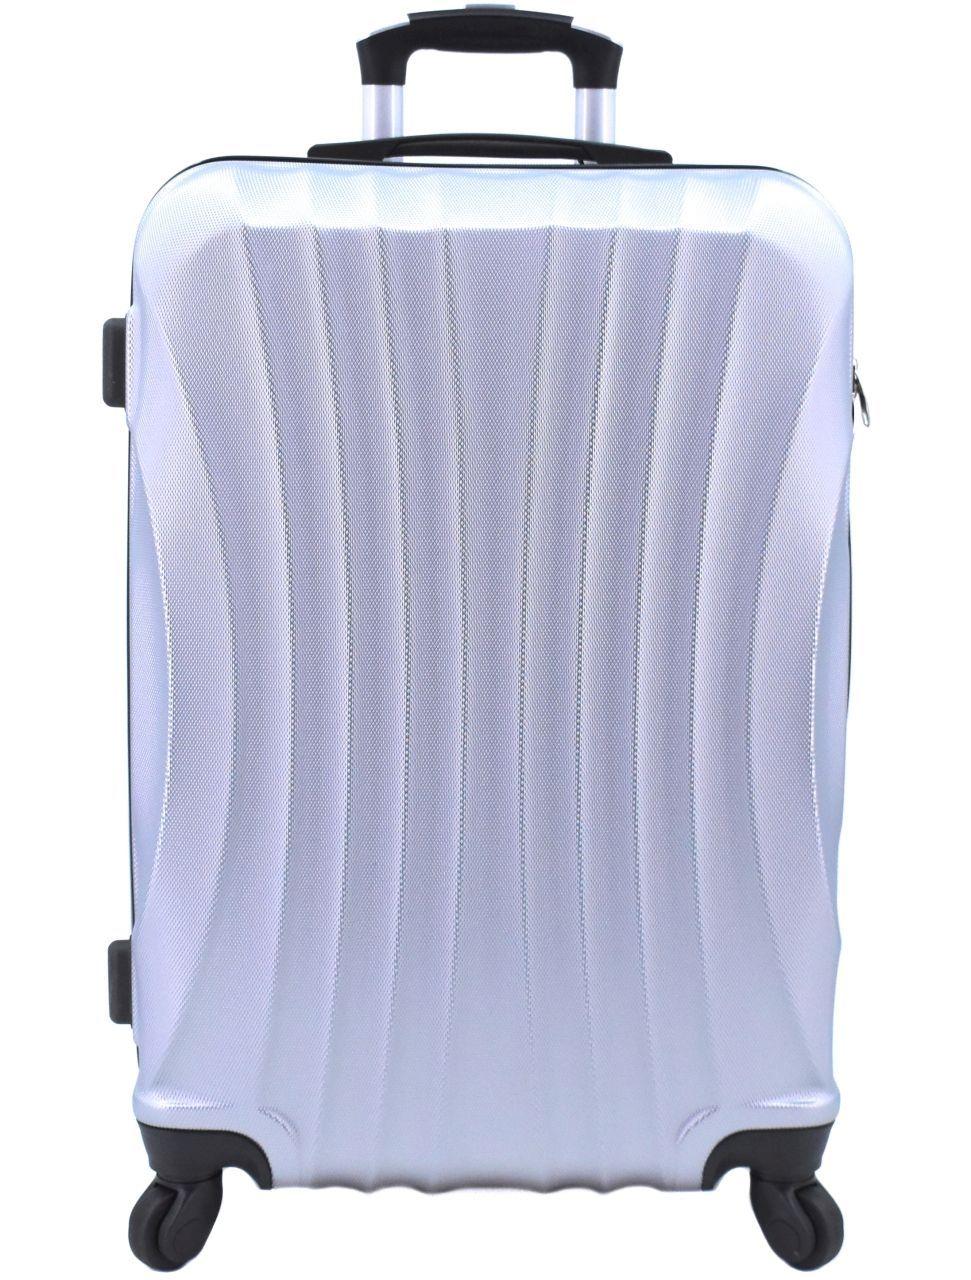 Cestovní palubní kufr Arteddy / 4 kolečka (S) 40l - stříbrná 6020 (S)